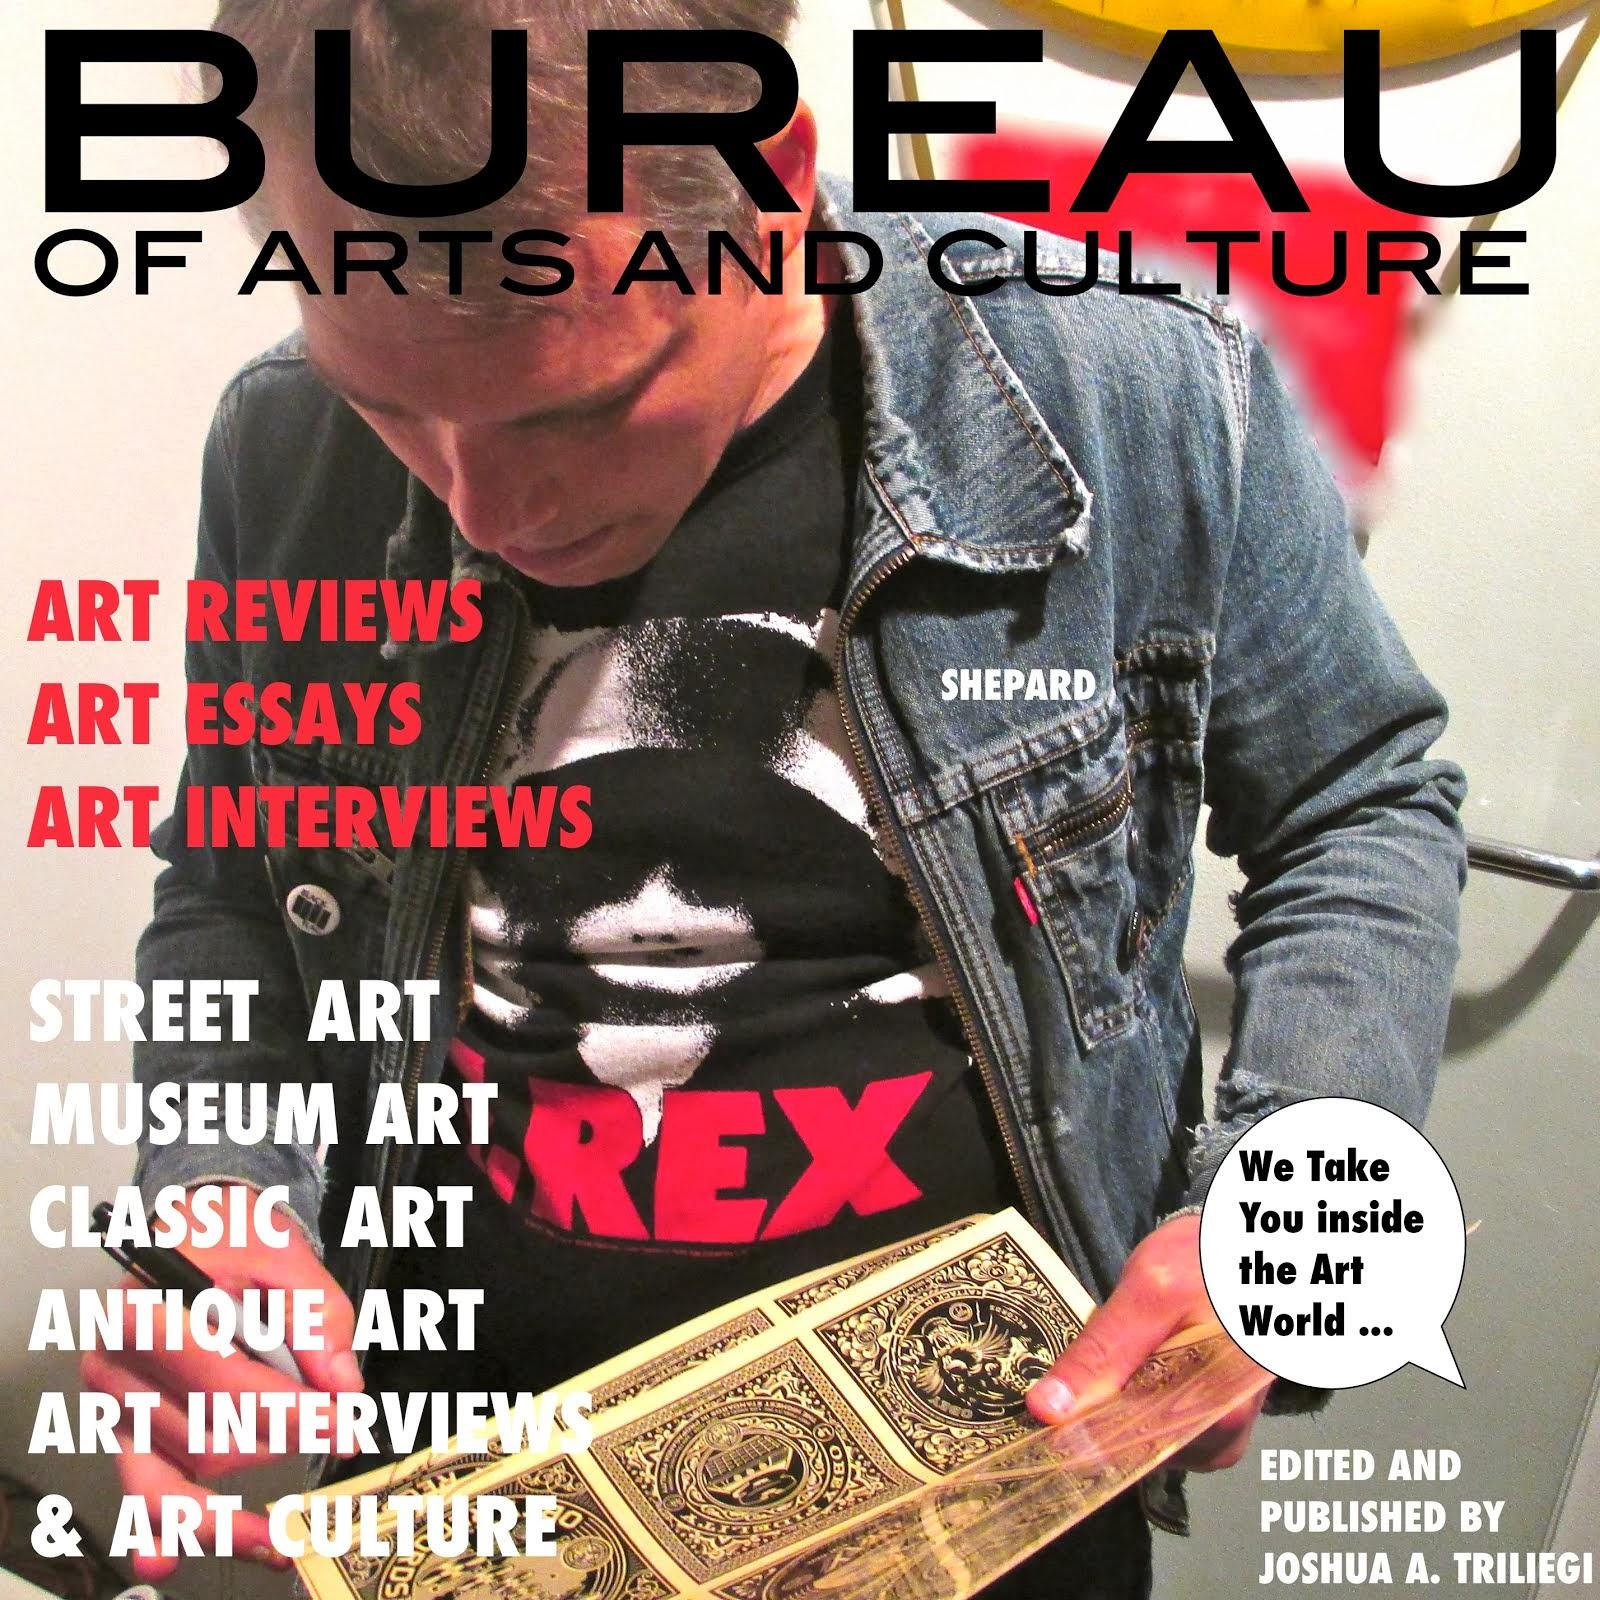 http://www.bureauofartsandculture.com/ART-BUREAU.html